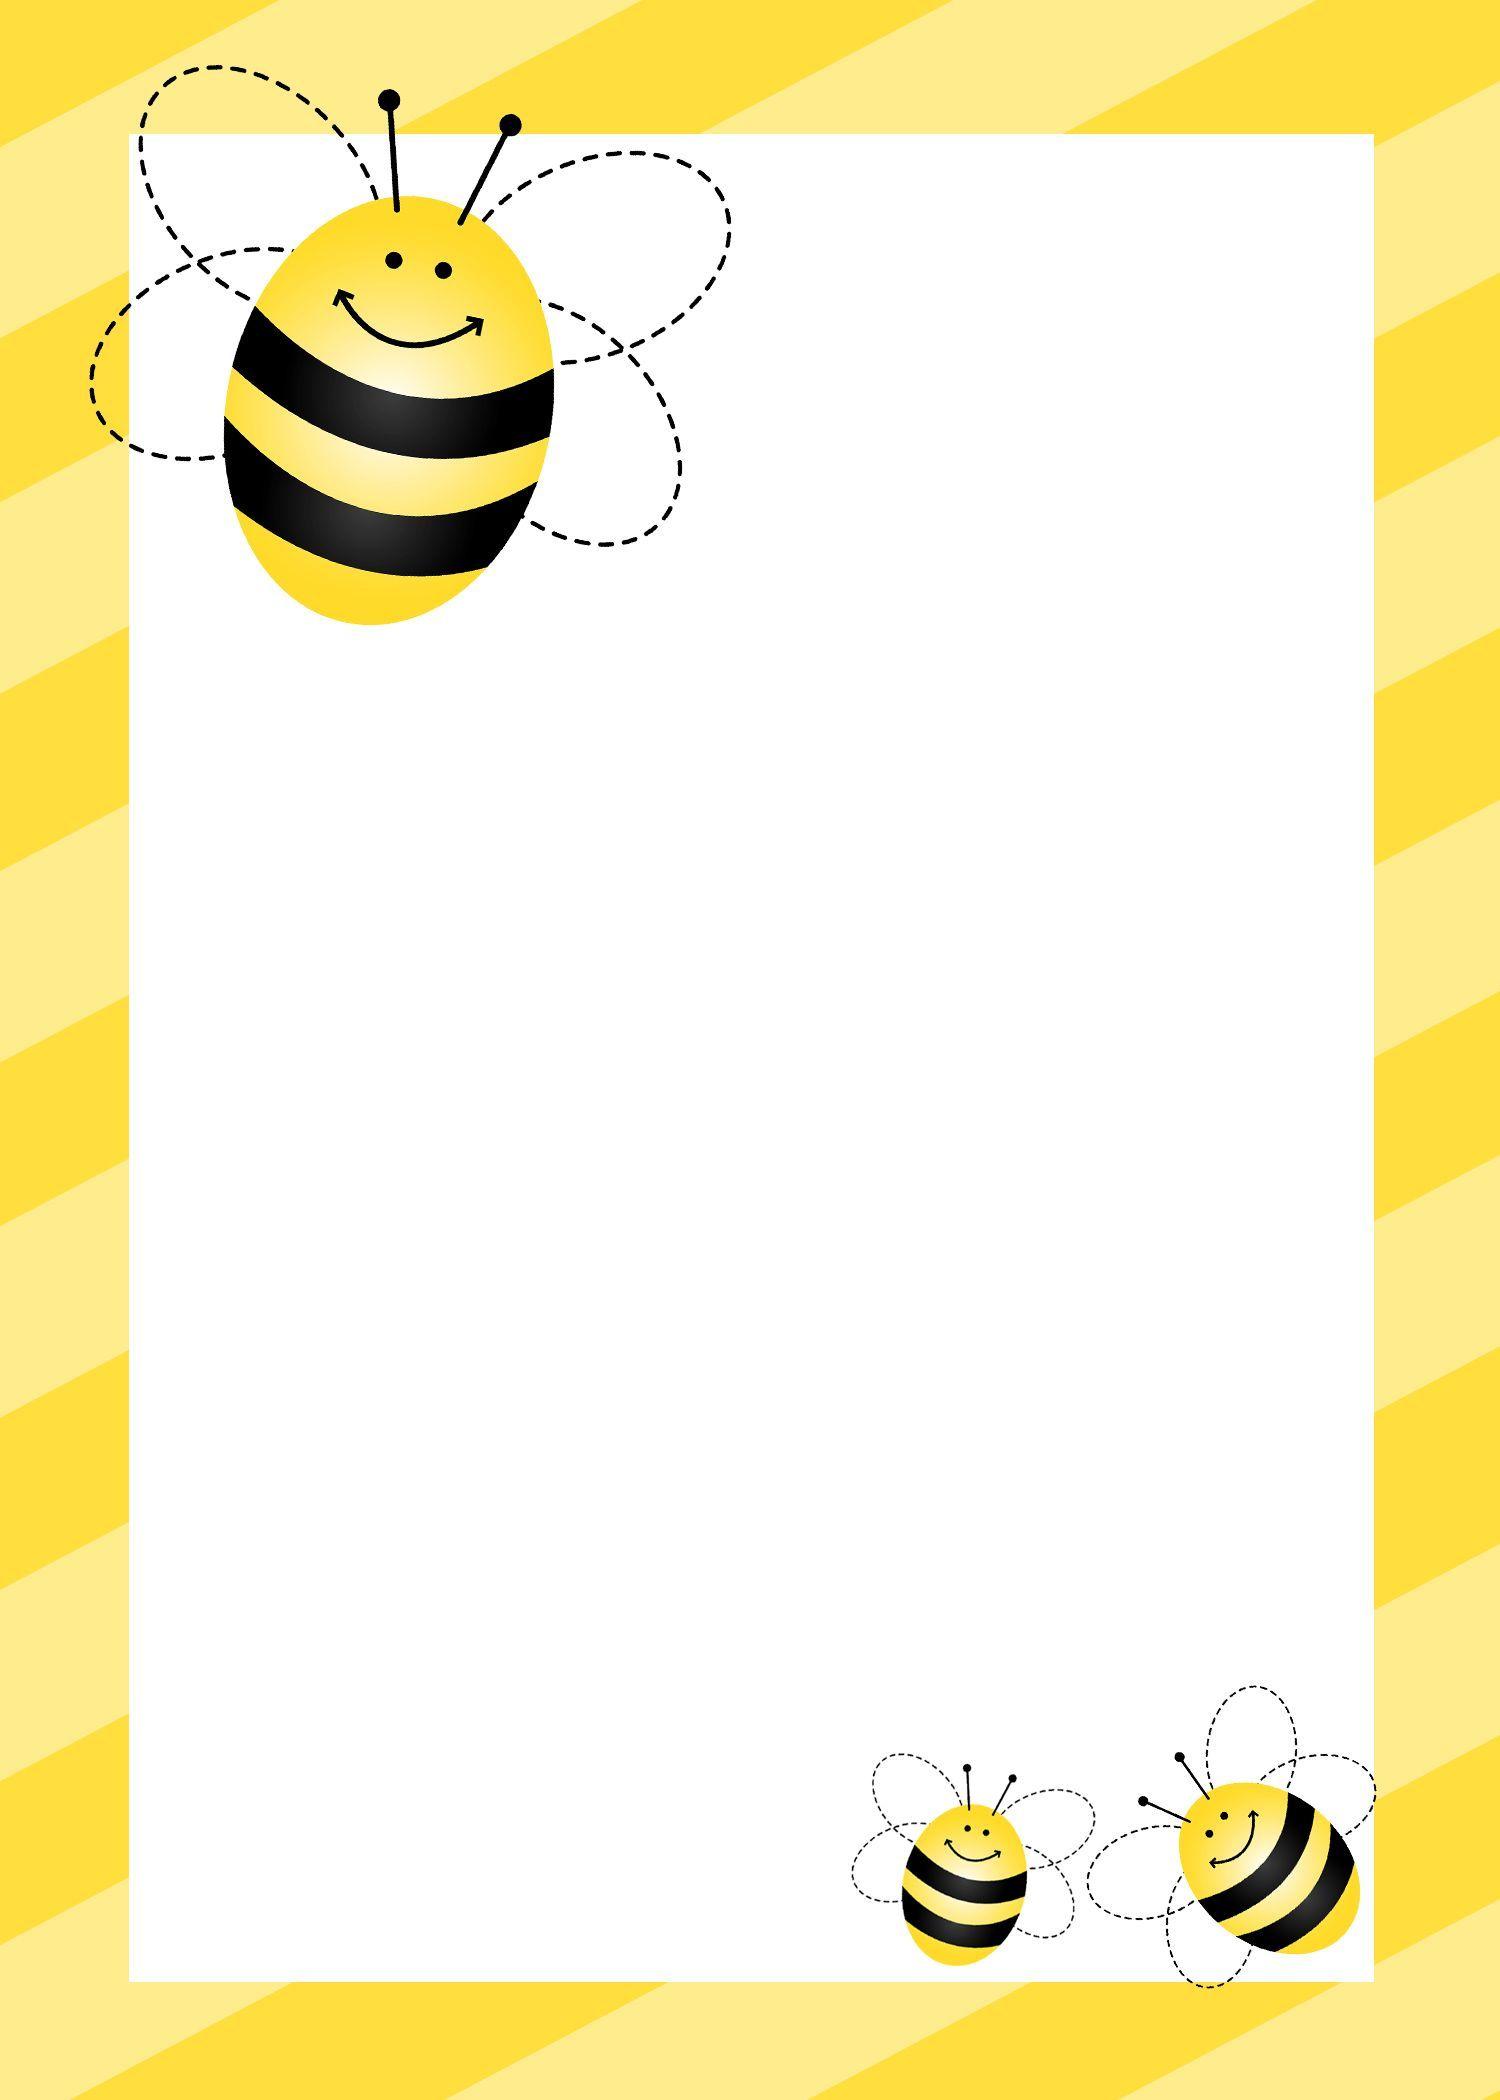 Bees clipart border 4 » Clipart Portal.